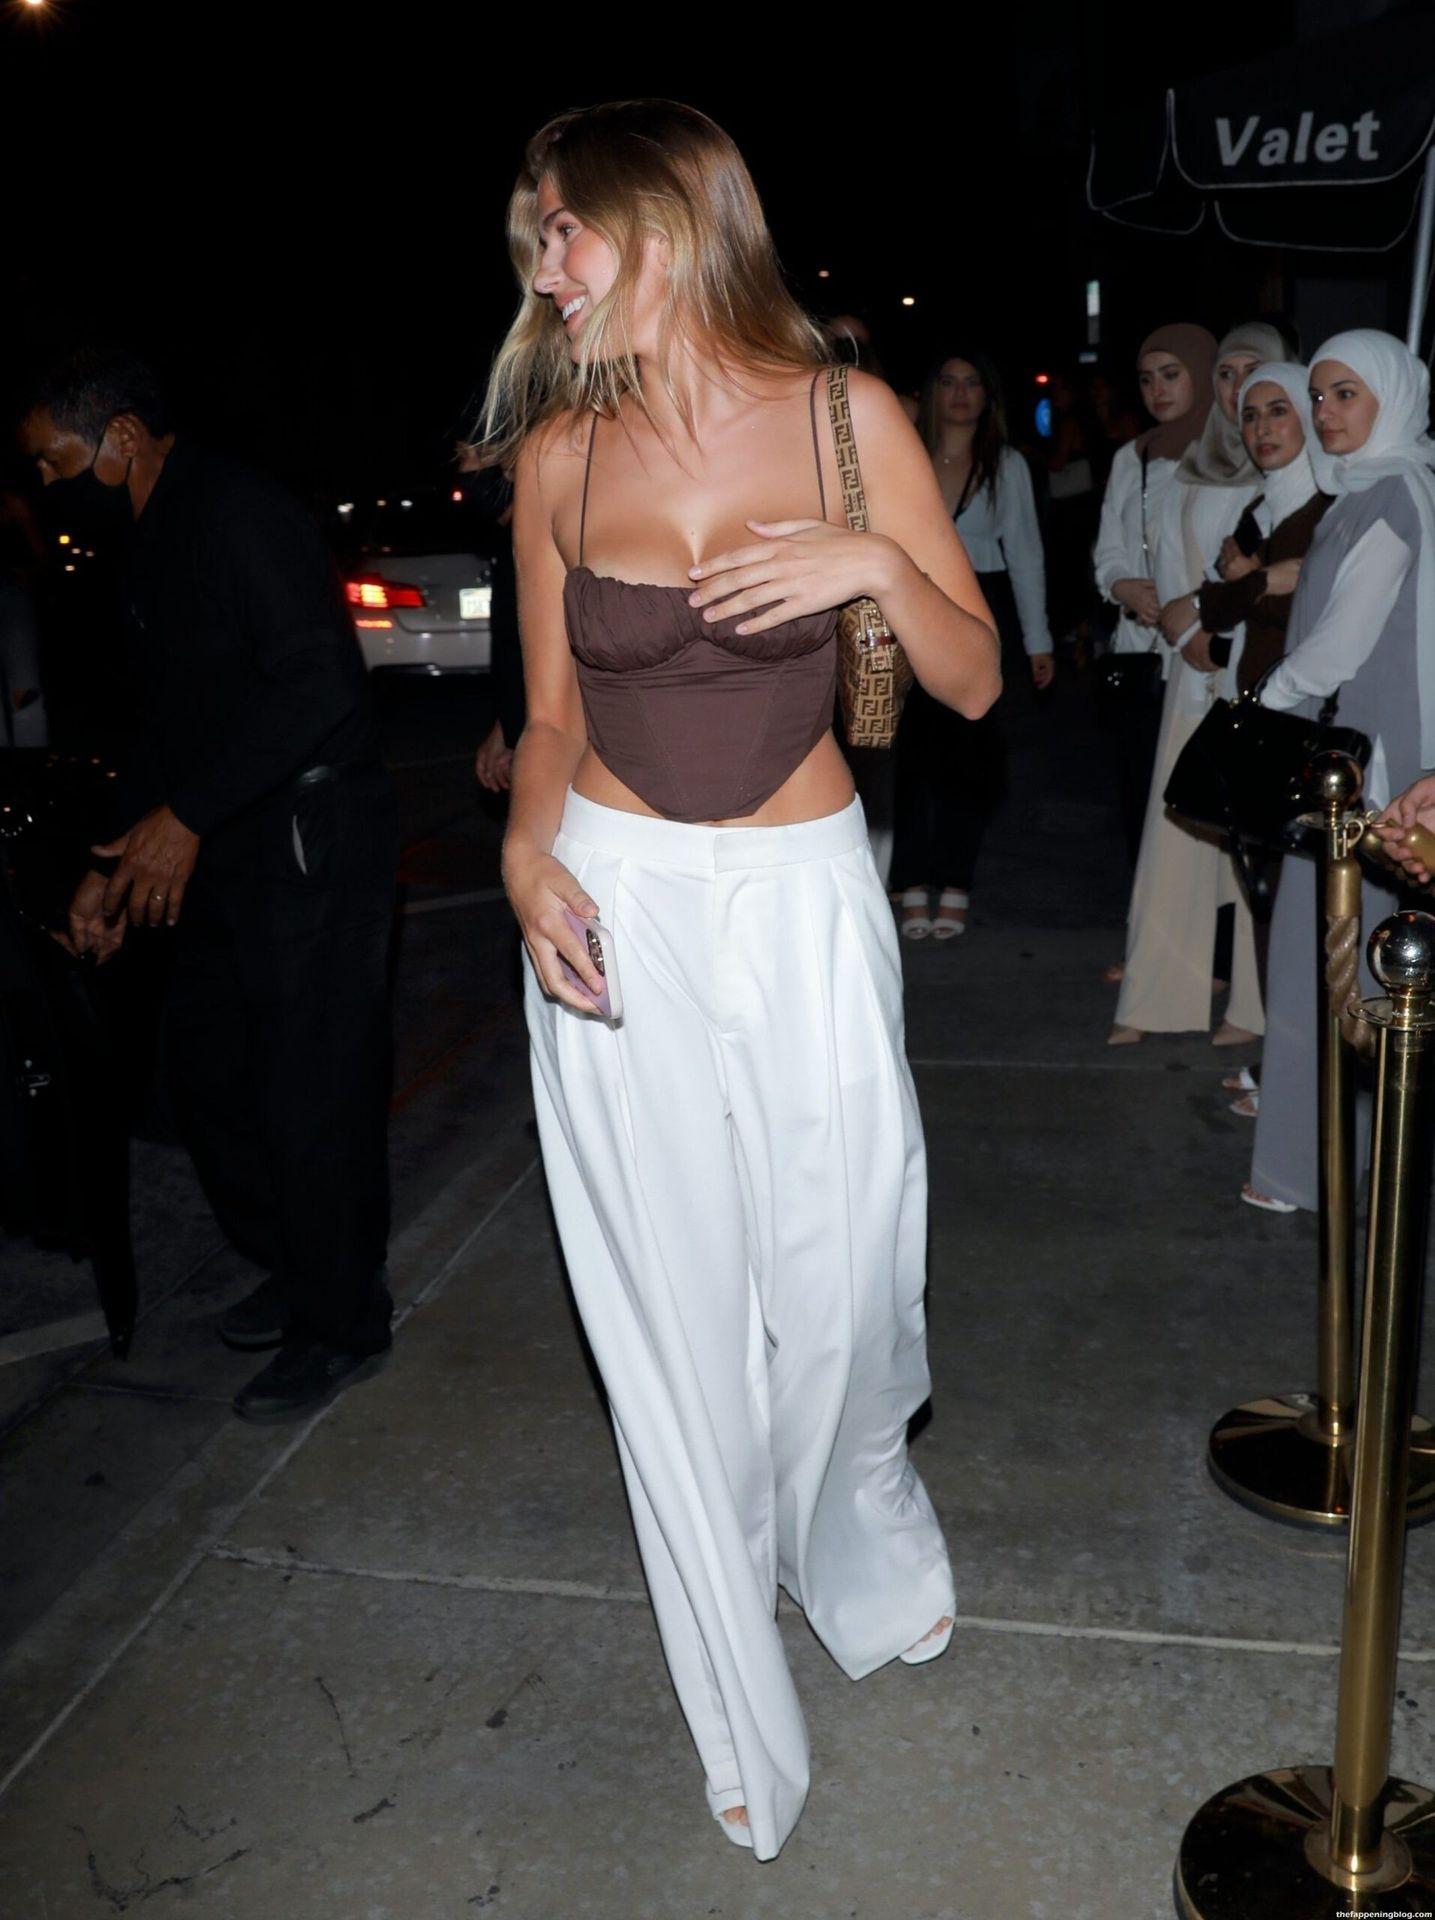 Kara-Del-Toro-Sexy-9-thefappeningblog.com1_.jpg